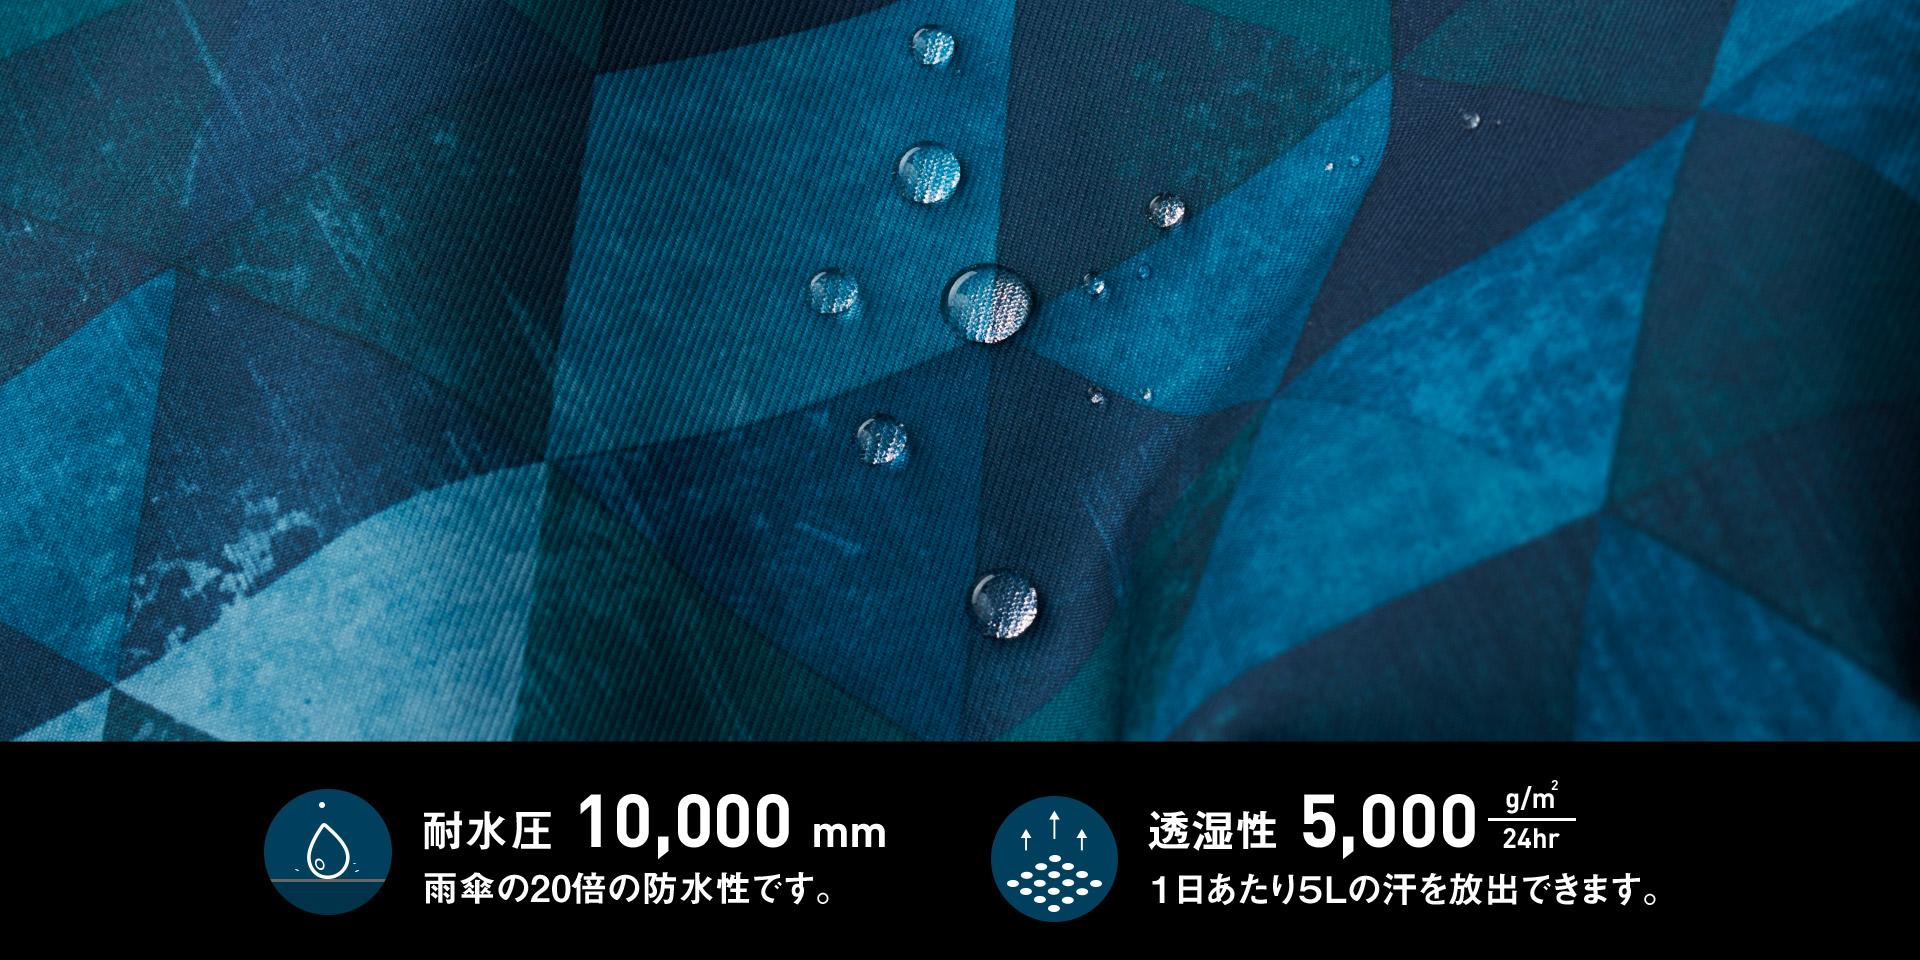 �ѿ尵10,000mm / Ʃ����5,000 g/m2 /24h